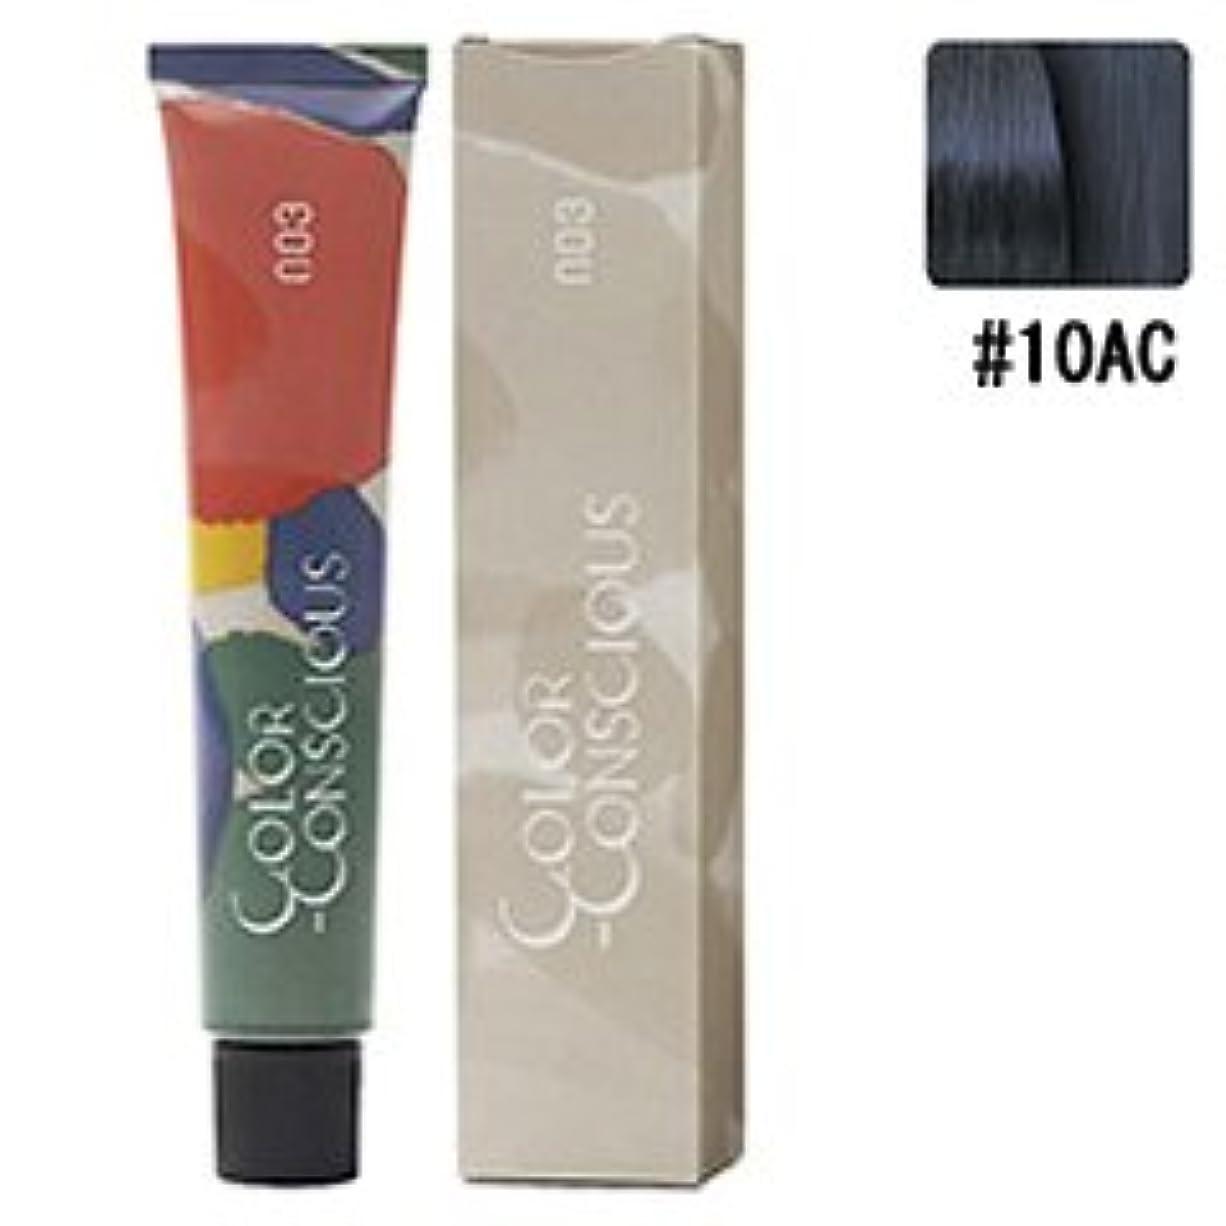 呼吸ナビゲーション影響する【ナンバースリー】カラーコンシャス コンシャスライン #10AC (アッシュ) 80g